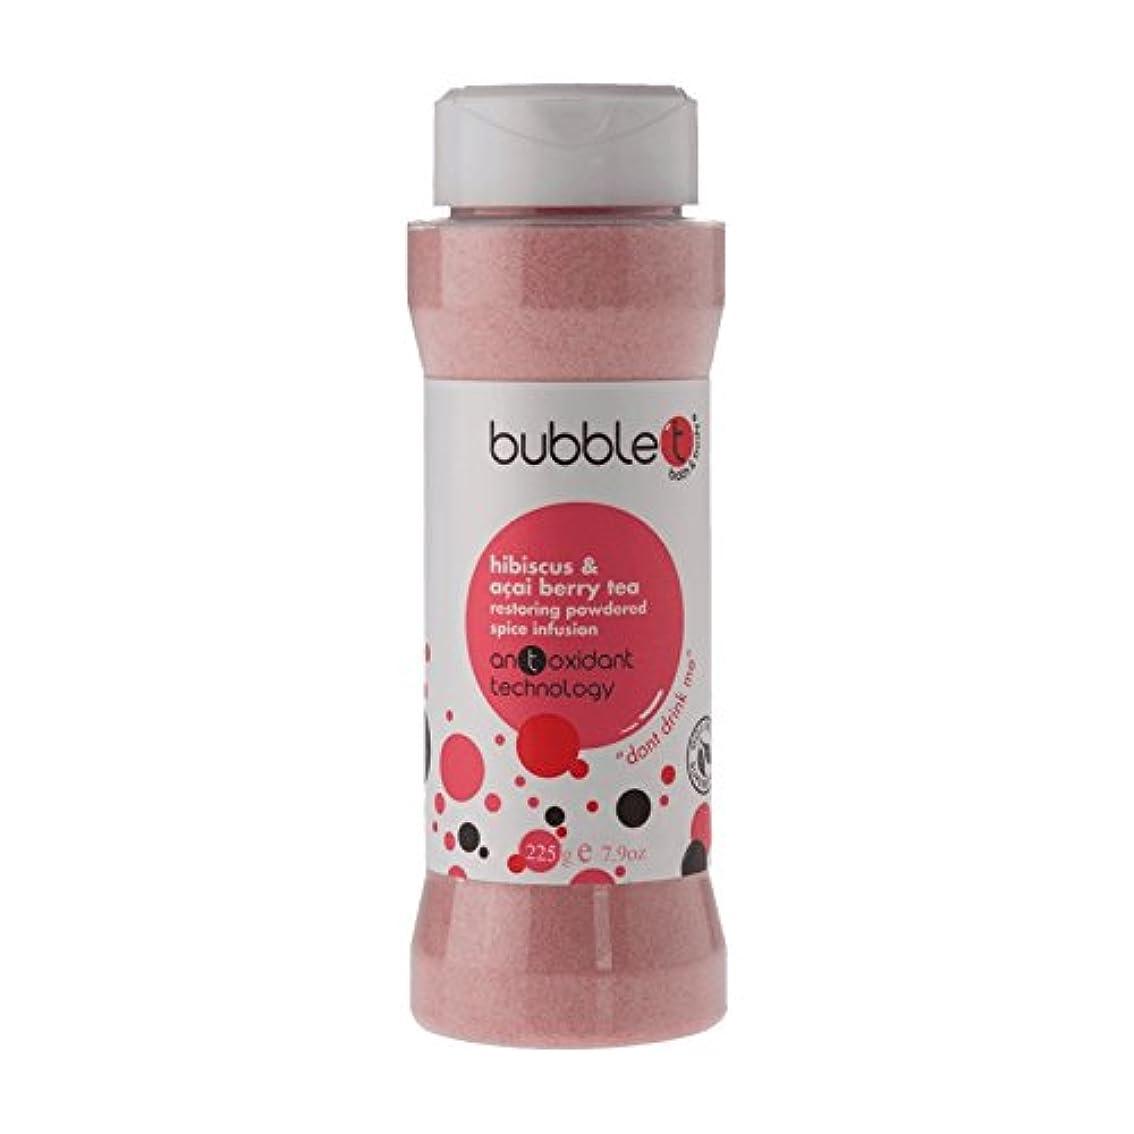 バブルトン風呂スパイス注入ハイビスカス&アサイベリー茶225グラム - Bubble T Bath Spice Infusion Hibiscus & Acai Berry Tea 225g (Bubble T) [並行輸入品]